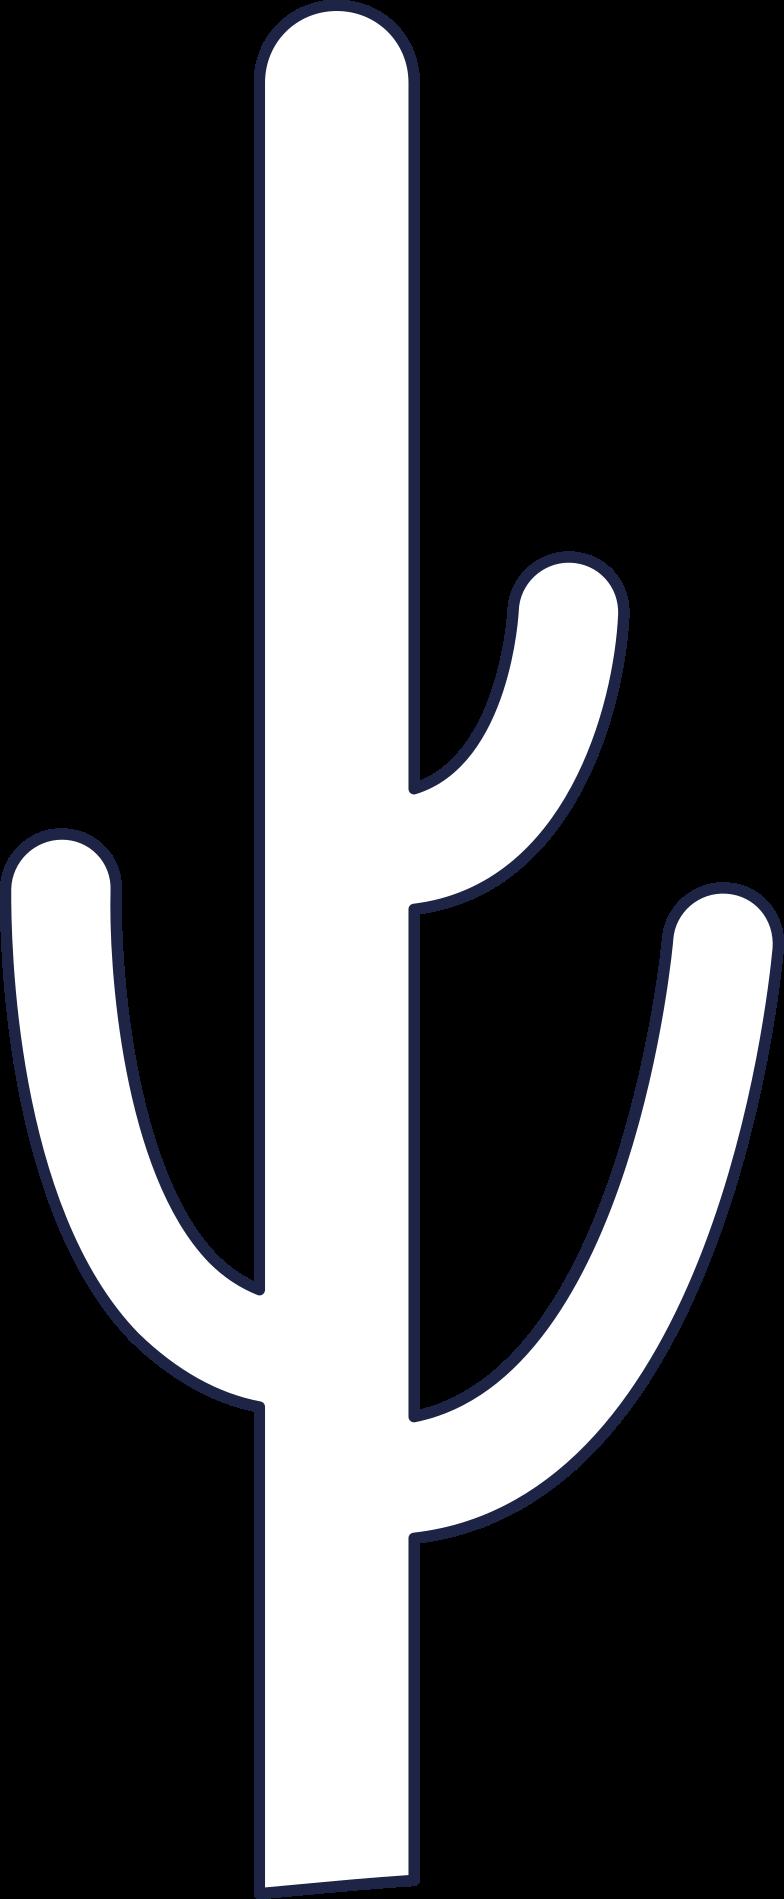 サボテン3行 のPNG、SVGクリップアートイラスト